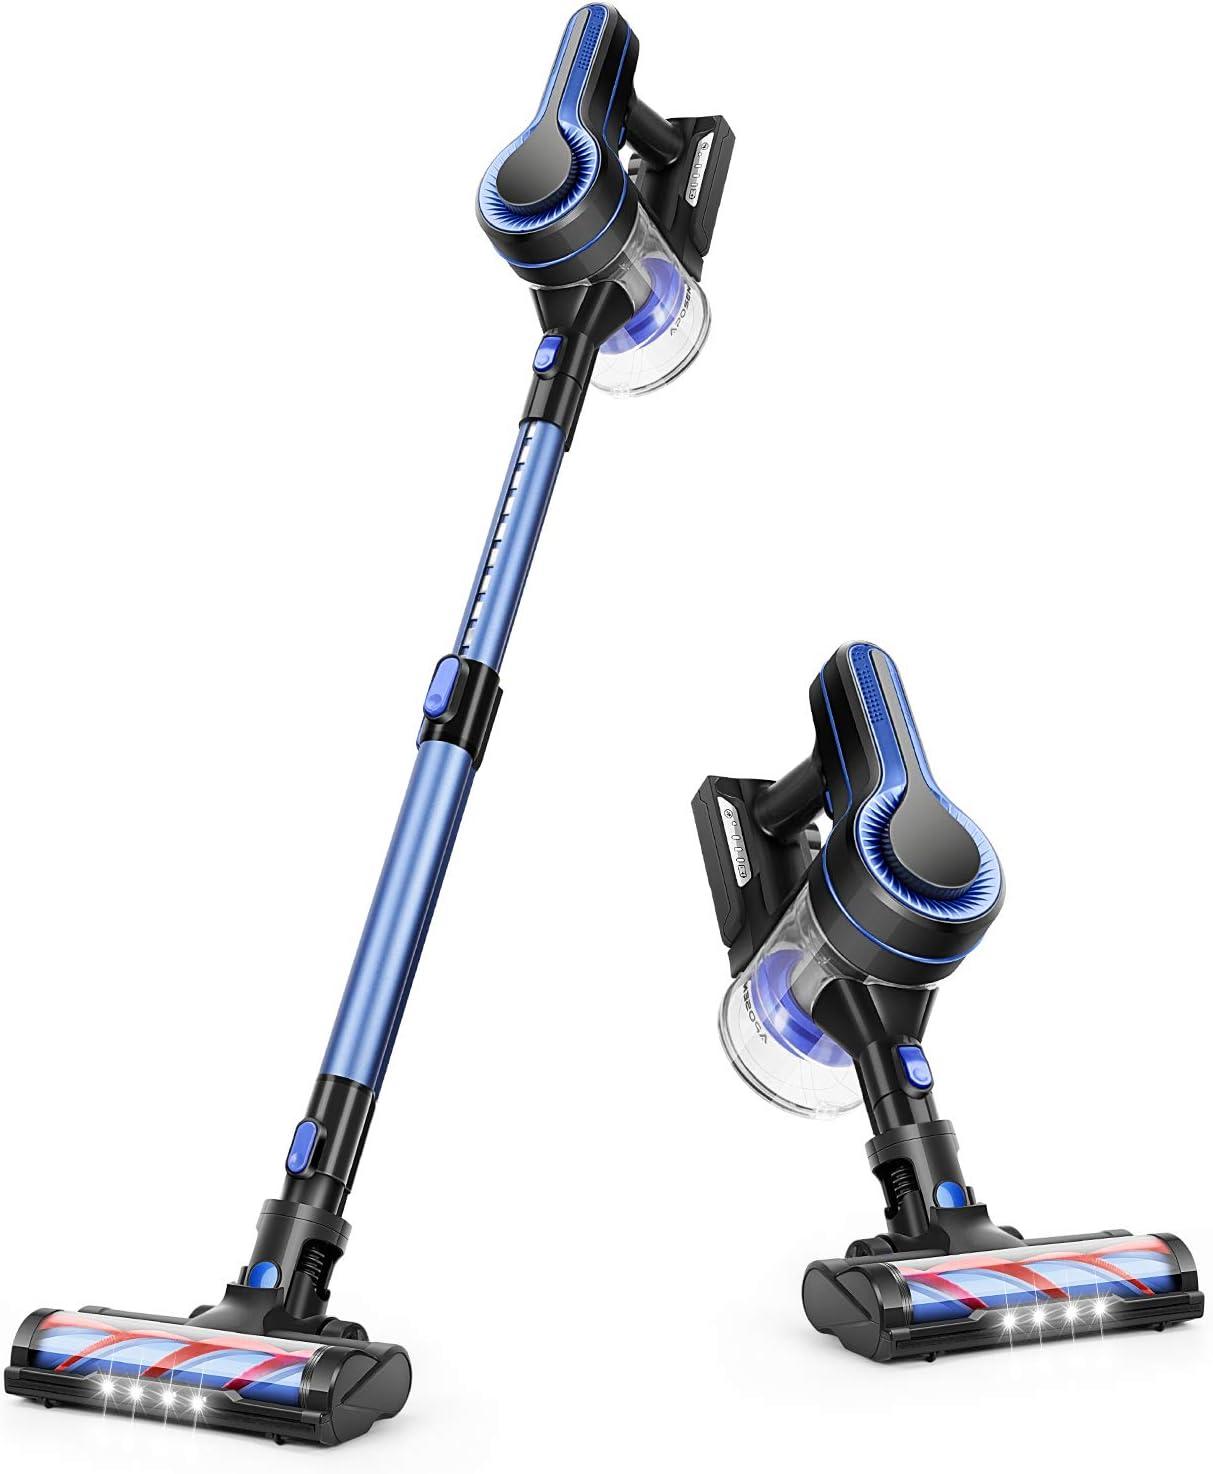 APOSEN Cordless Vacuum